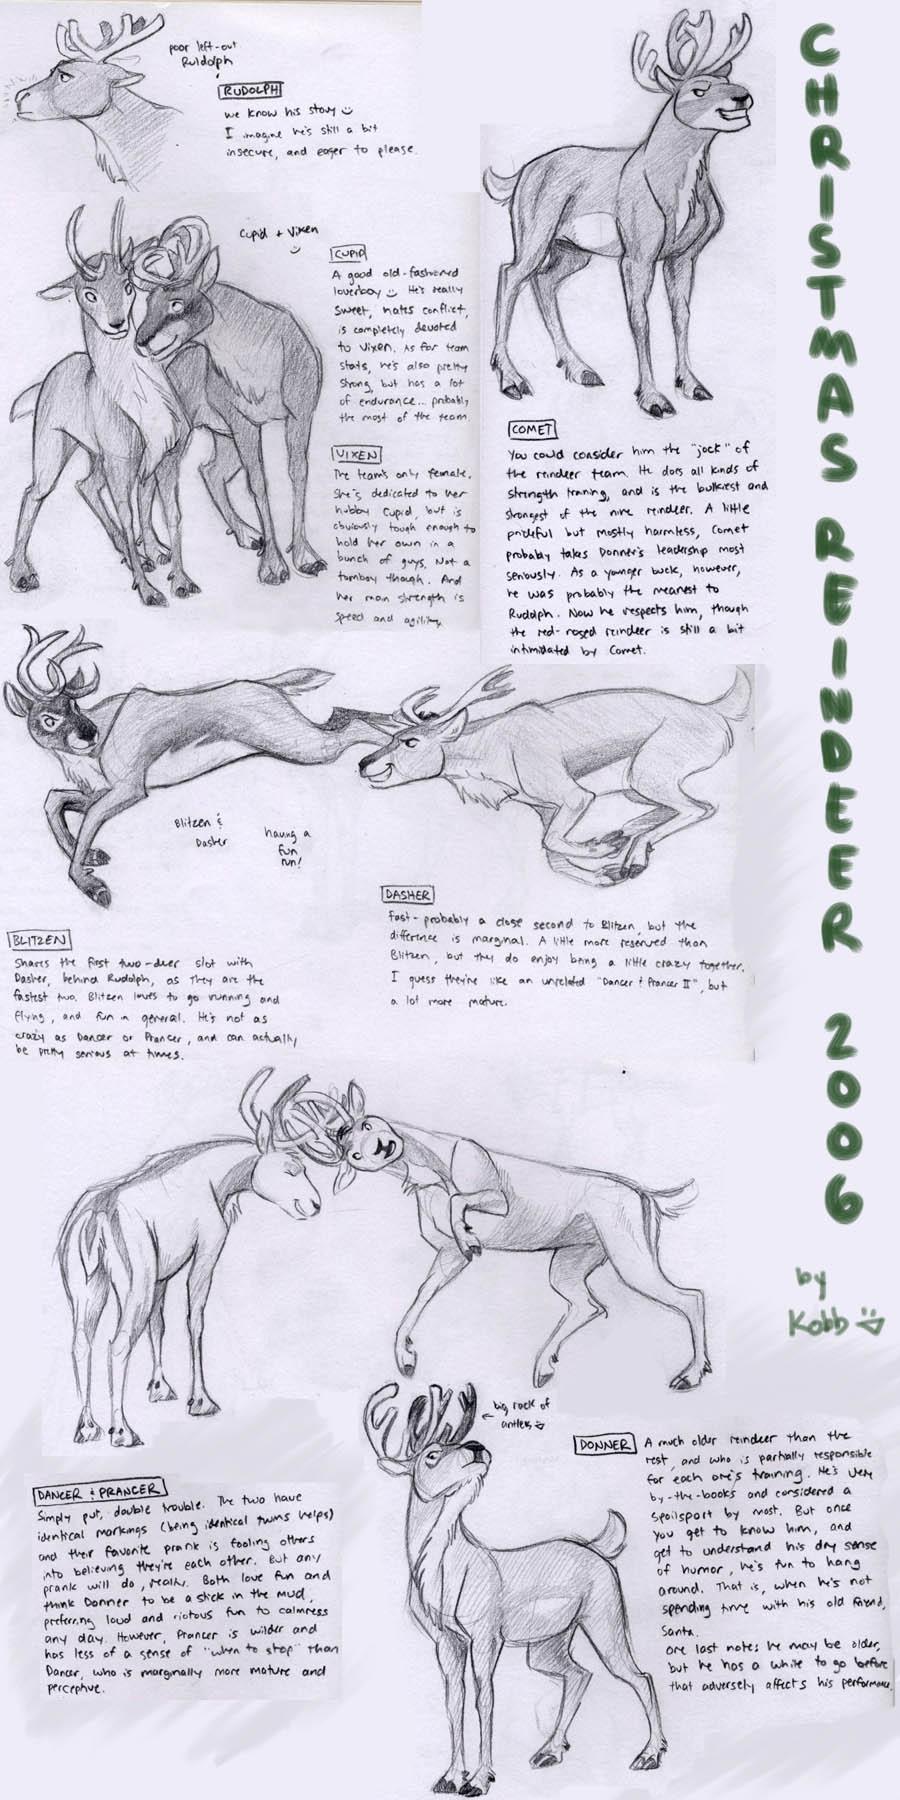 Christmas Reindeer - designs by Kobb